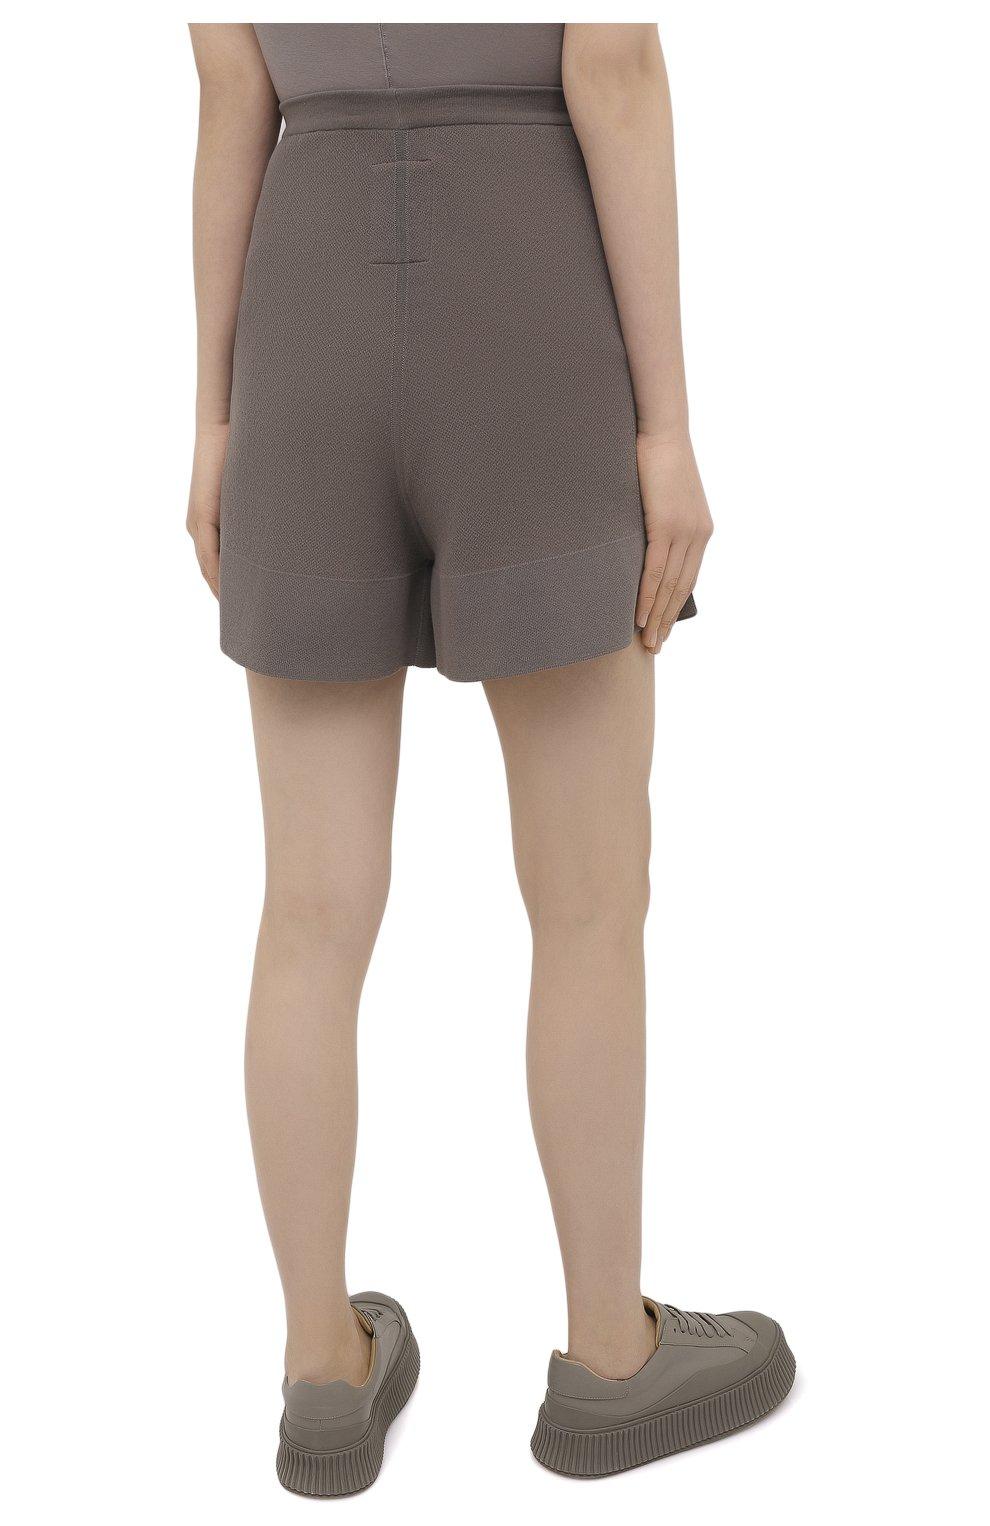 Женские шорты rick owens + moncler RICK OWENS серого цвета, арт. MU20F0019/A9454 | Фото 4 (Женское Кросс-КТ: Шорты-одежда; Материал внешний: Шерсть, Кашемир, Хлопок; Длина Ж (юбки, платья, шорты): Мини)